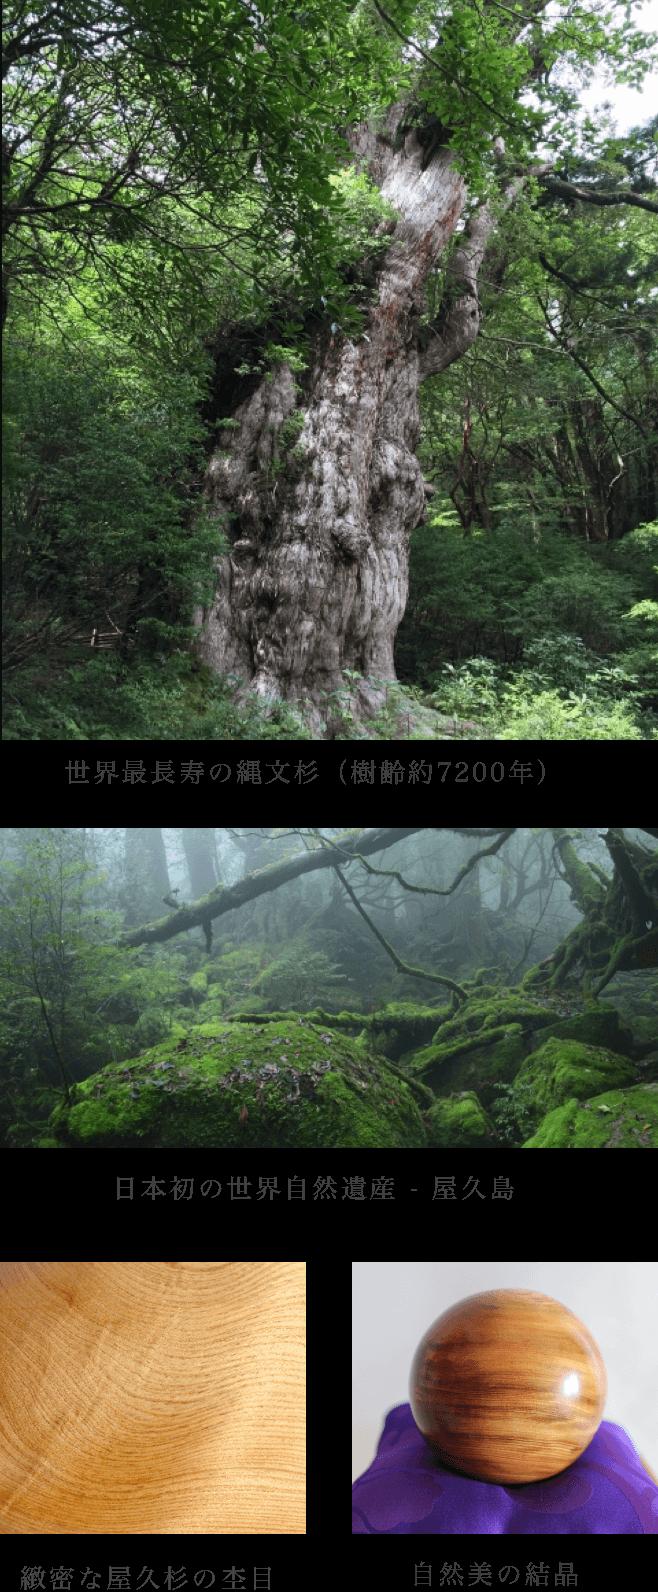 世界最長寿の縄文杉(樹齢約7200年),日本初の世界自然遺産 - 屋久島,緻密な屋久杉の杢目,自然美の結晶